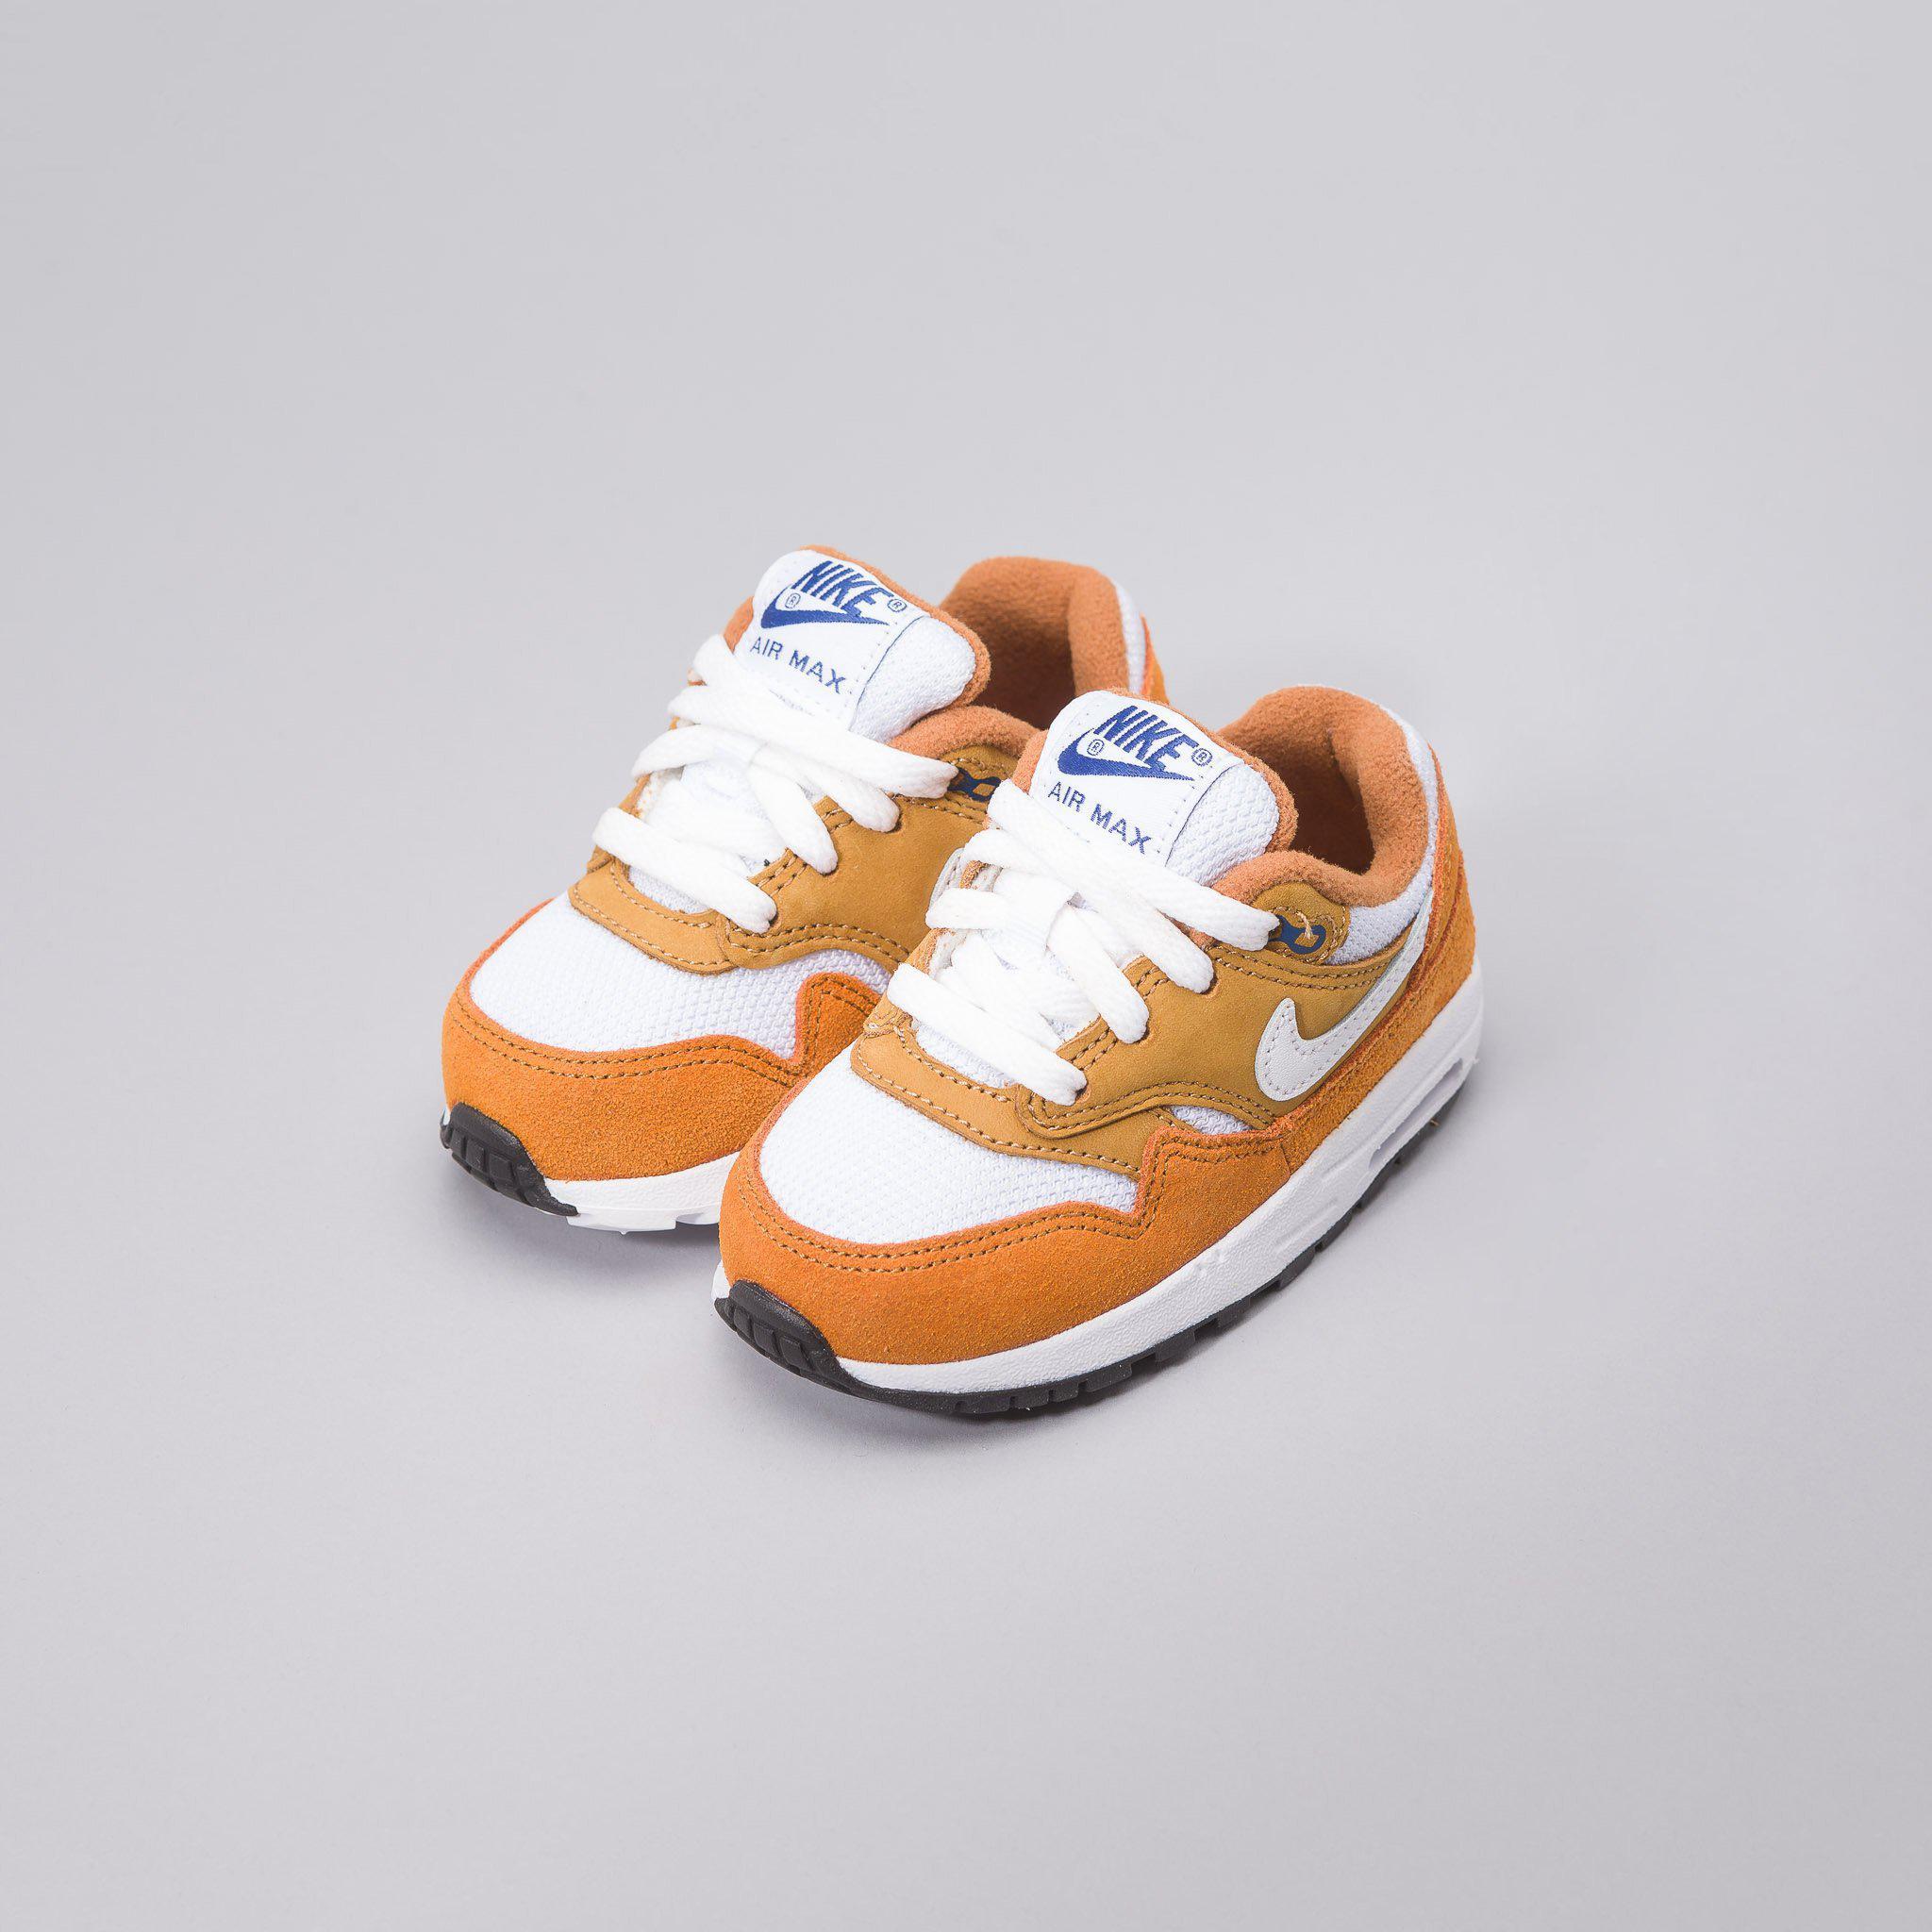 7a3243a938002 Nike Toddler's Air Max 1 Premium Retro Dark Curry for Men - Lyst